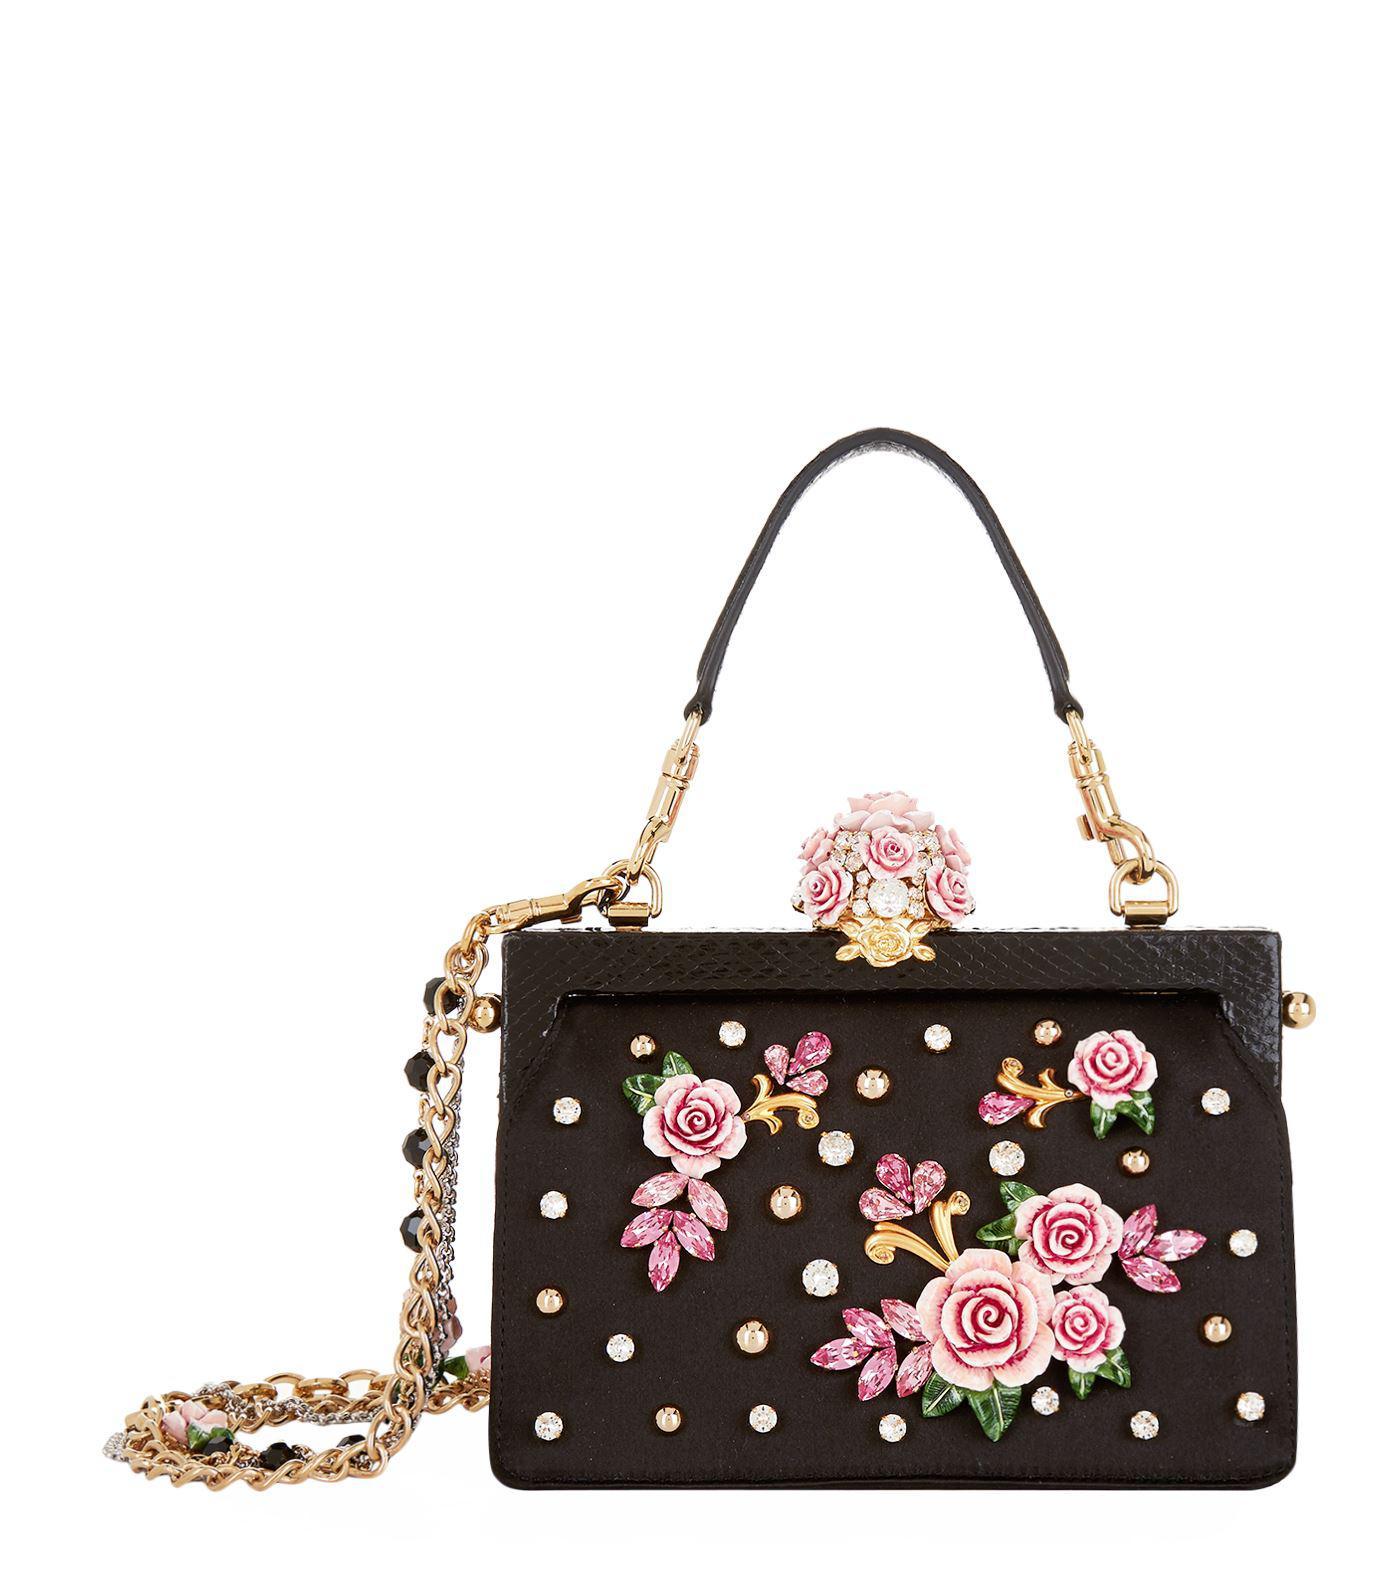 37b884df7cd Dolce & Gabbana Satin Rose Embellished Top Handle Bag - Lyst